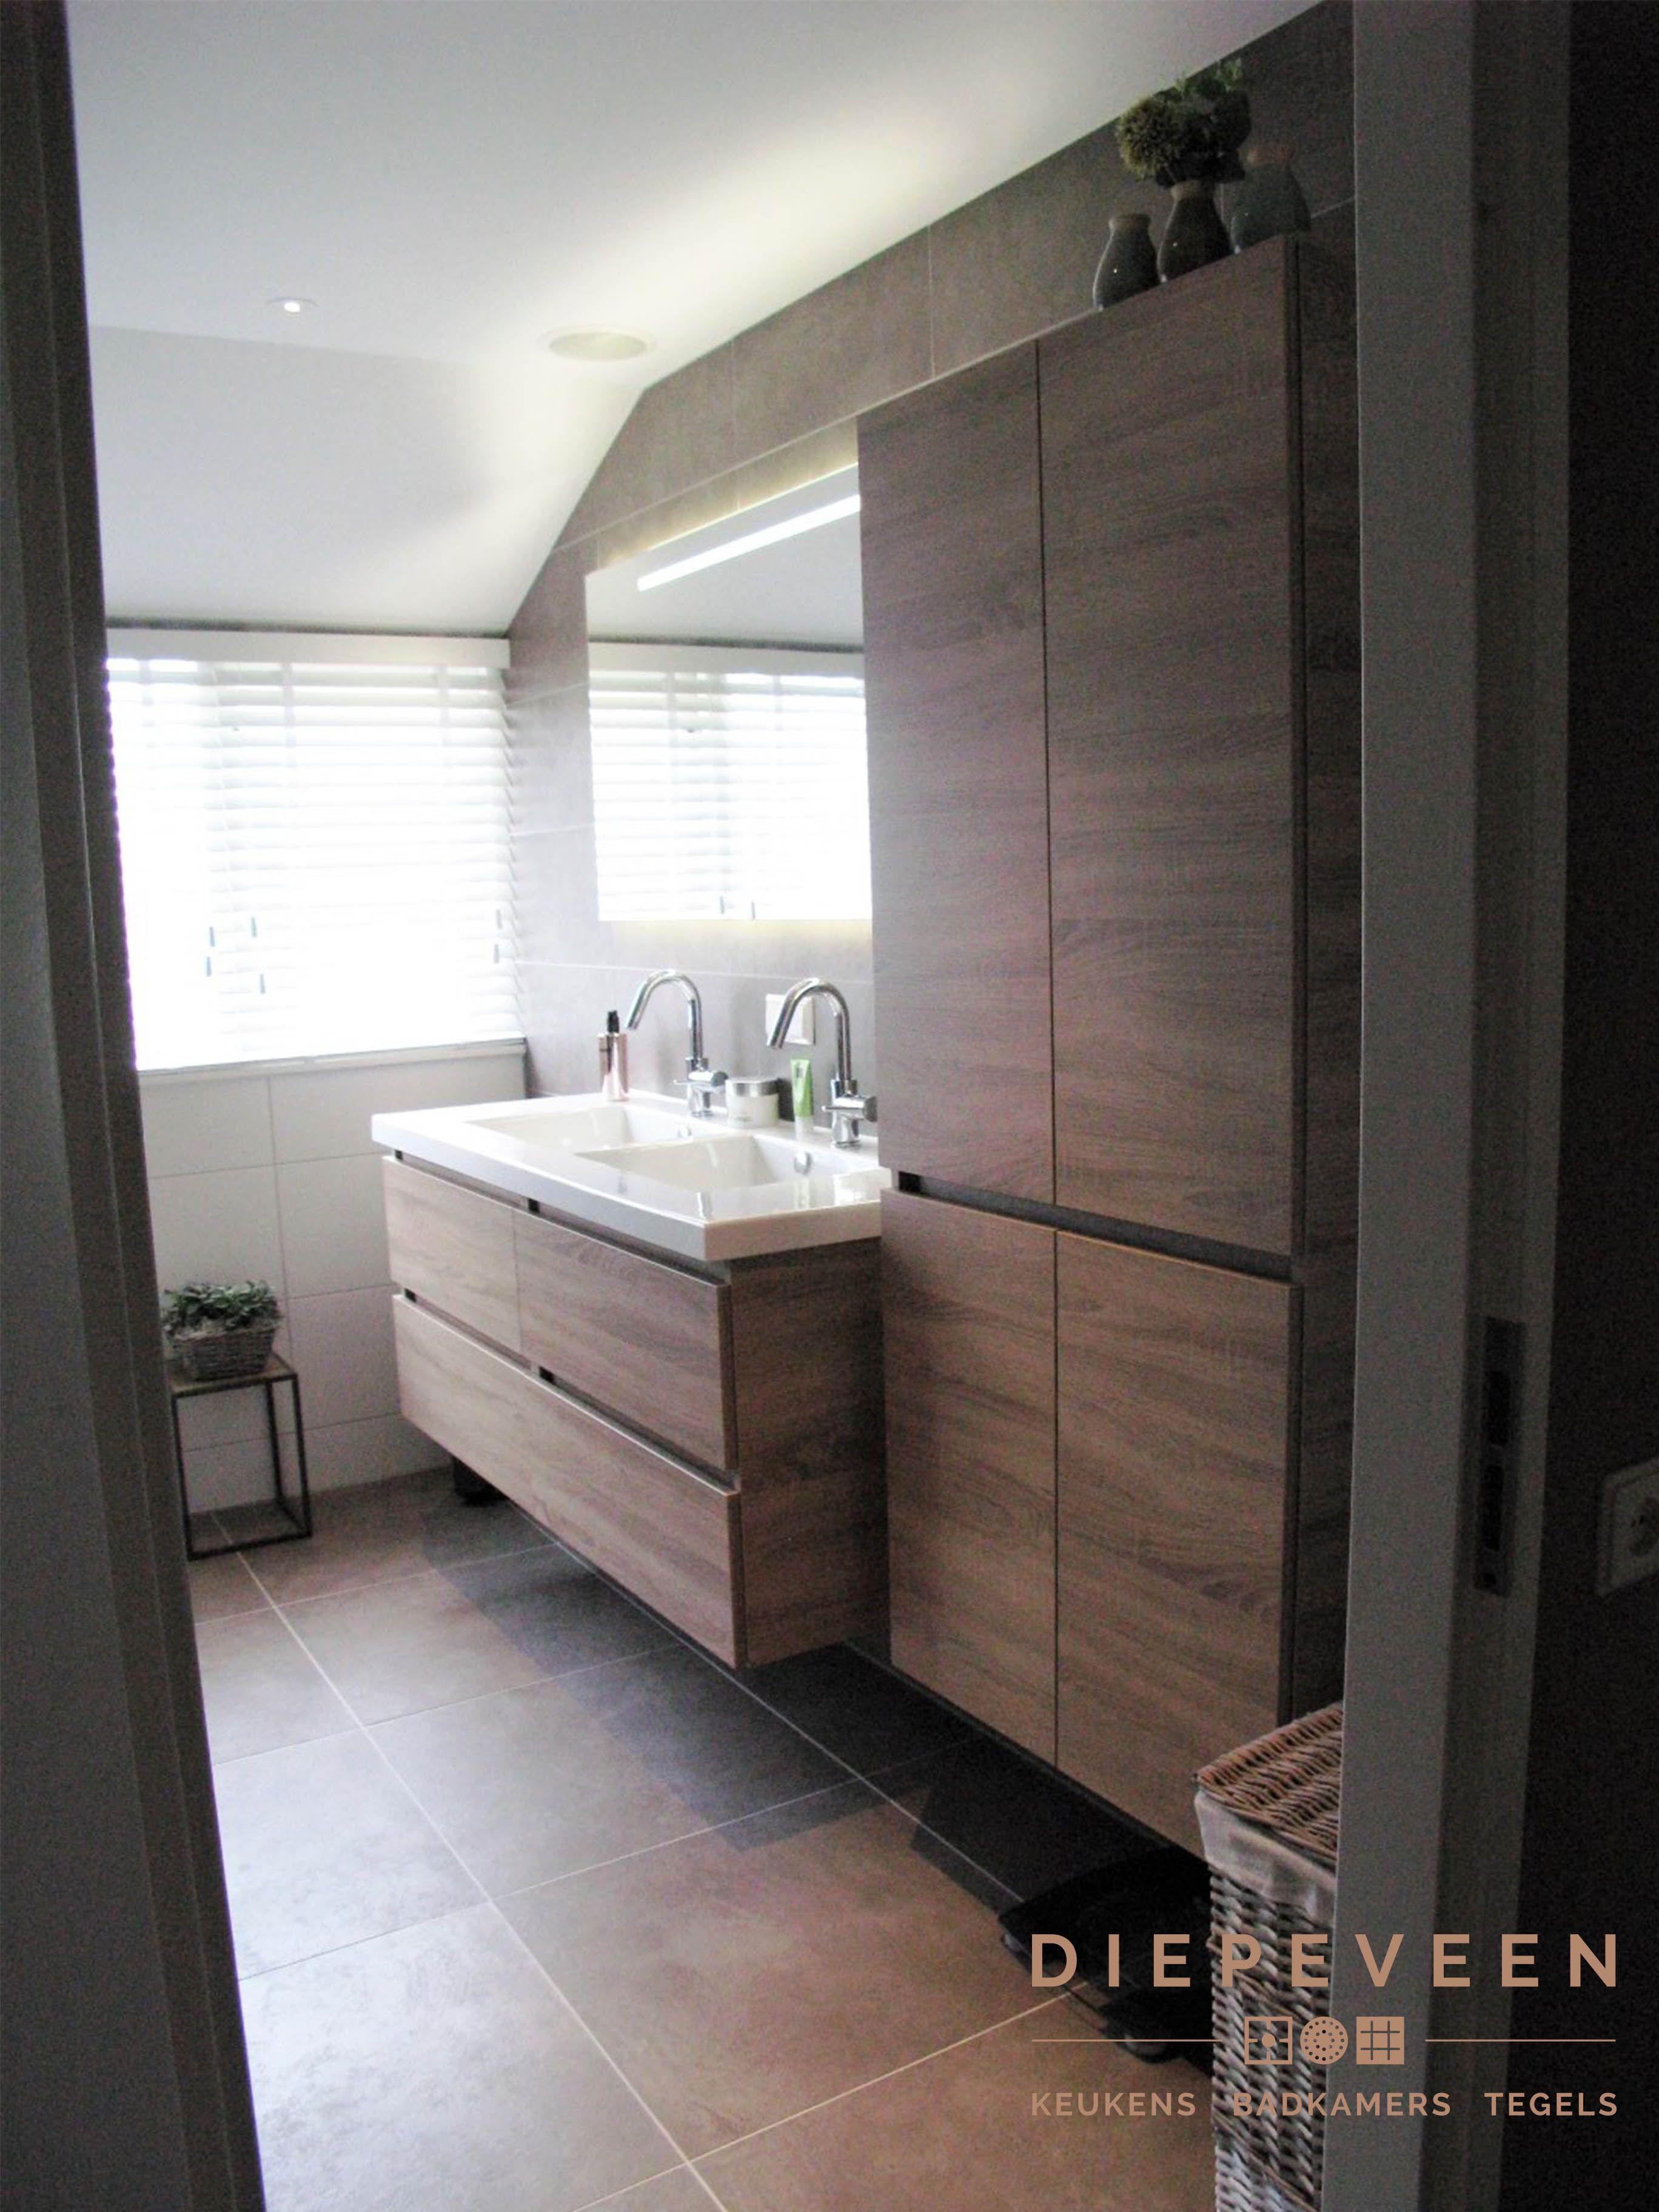 een prachtige badkamer met een ruime wastafel en grote kast